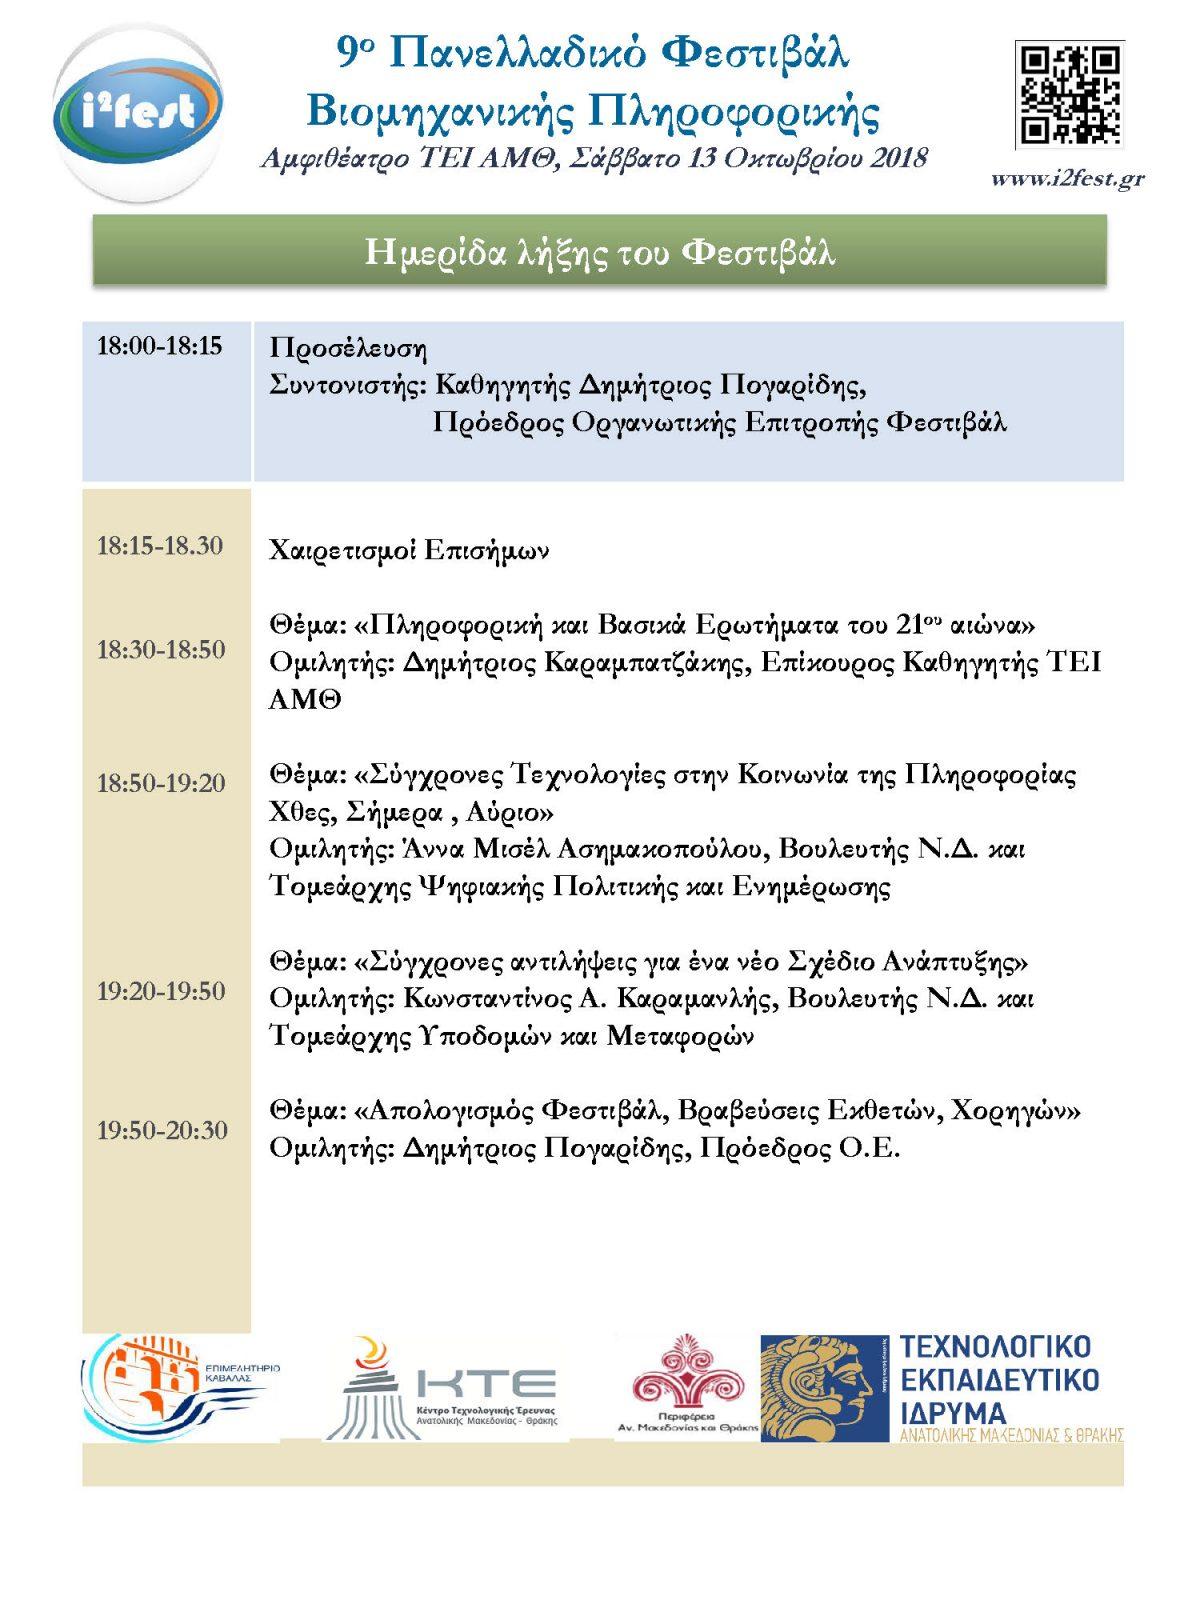 (Ελληνικά) Πρόγραμμα ημερίδας i2fest2018